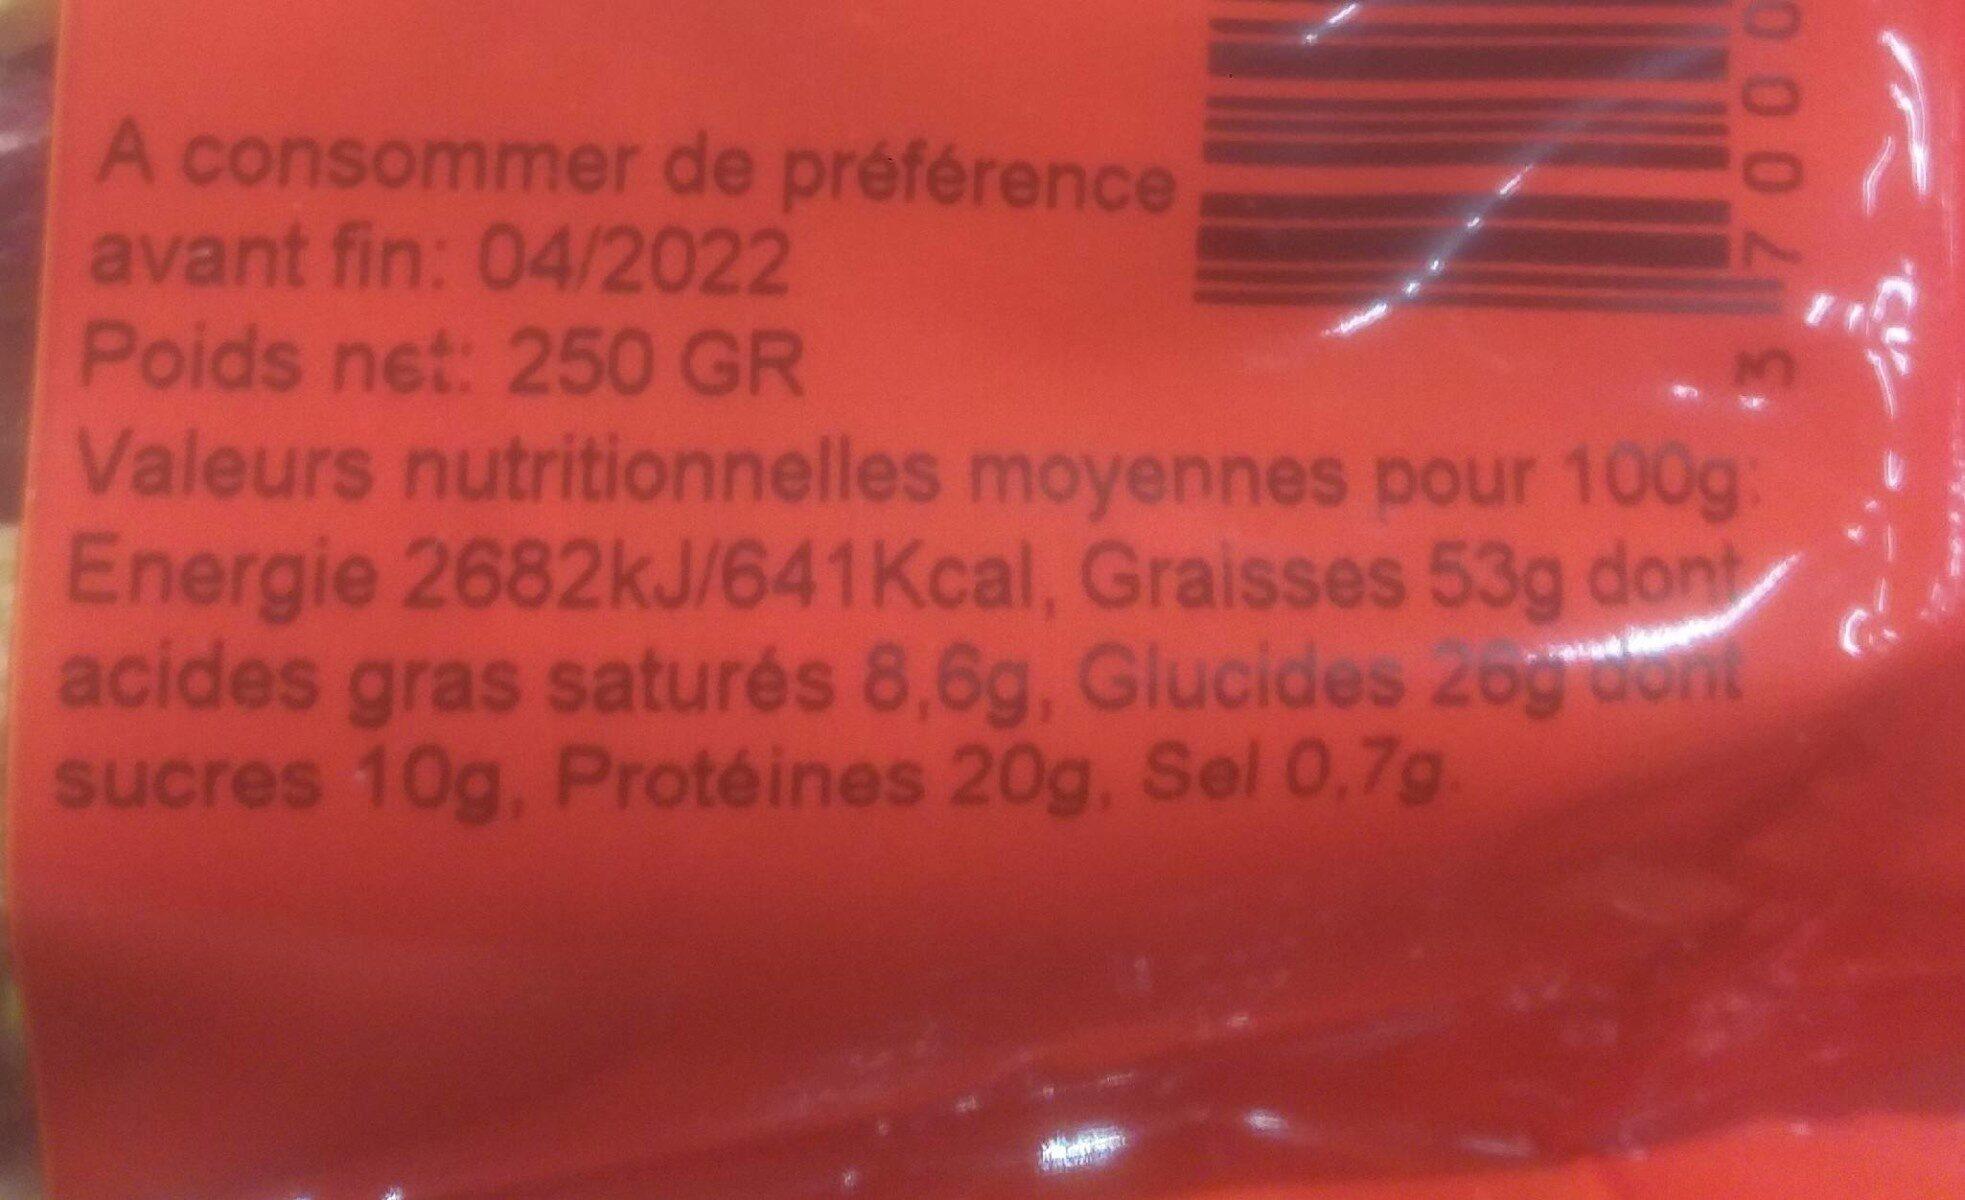 Pistaches crues (non salées) - Informations nutritionnelles - fr